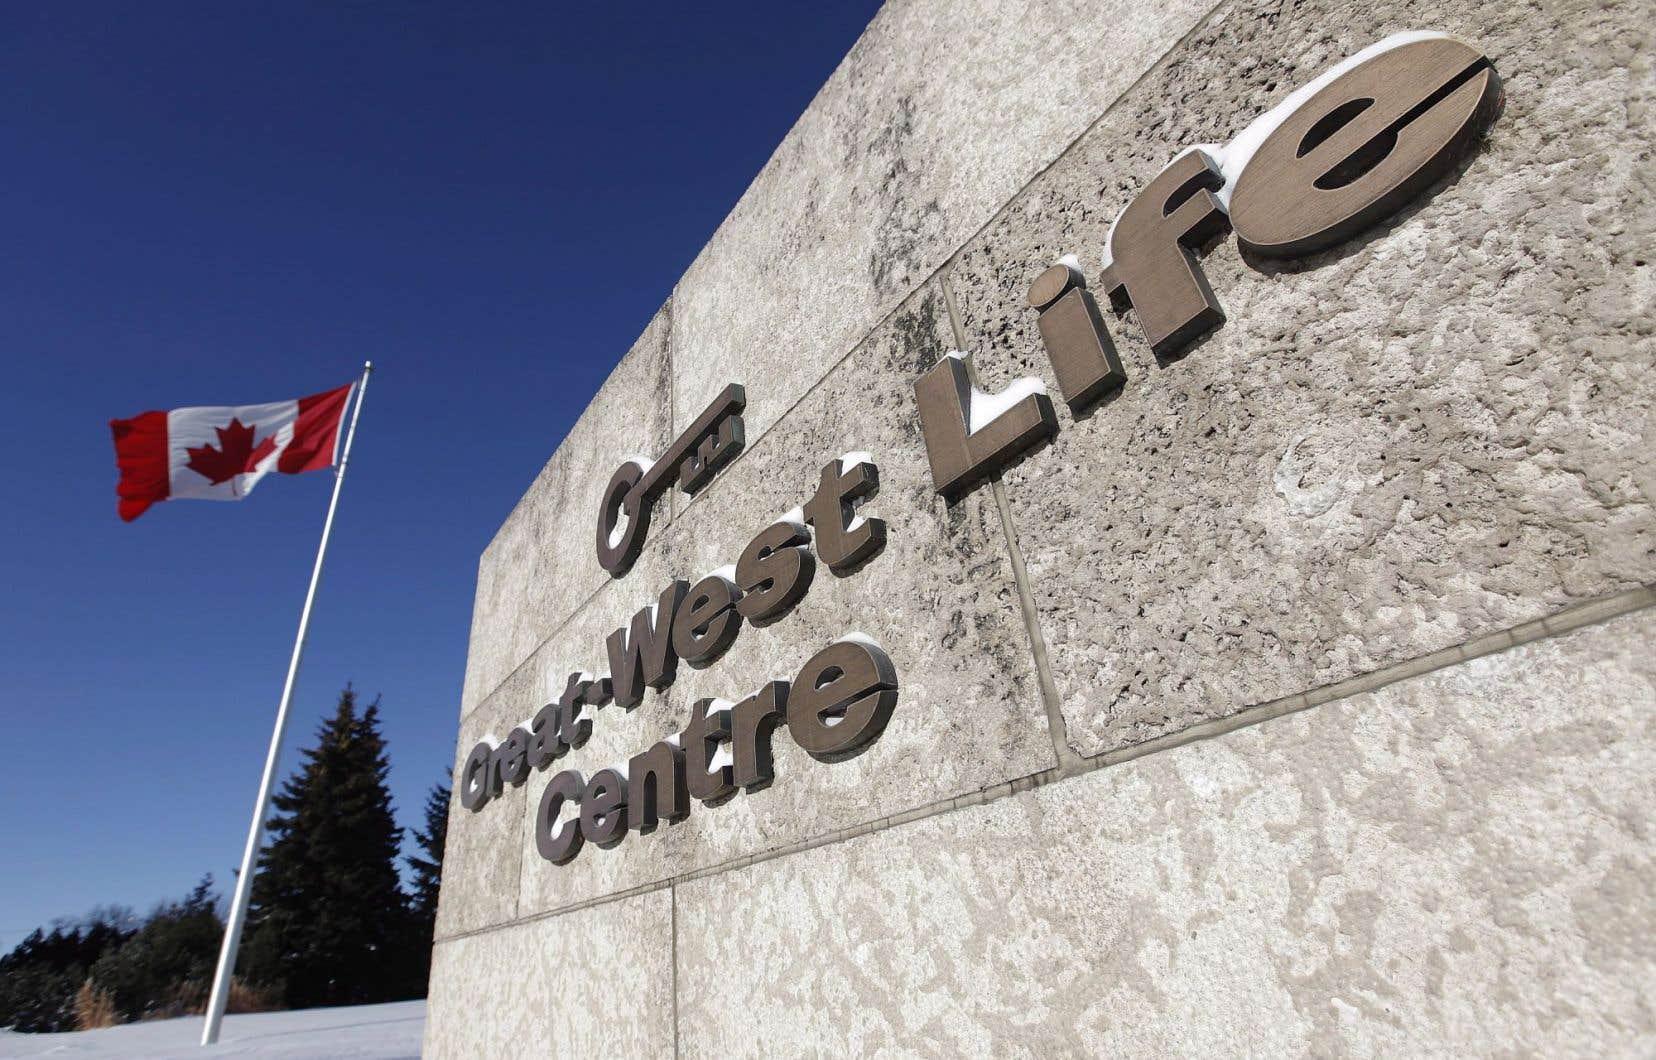 Les suppressions de postes représentent 13% des 12000 employés de la société établie à Winnipeg.